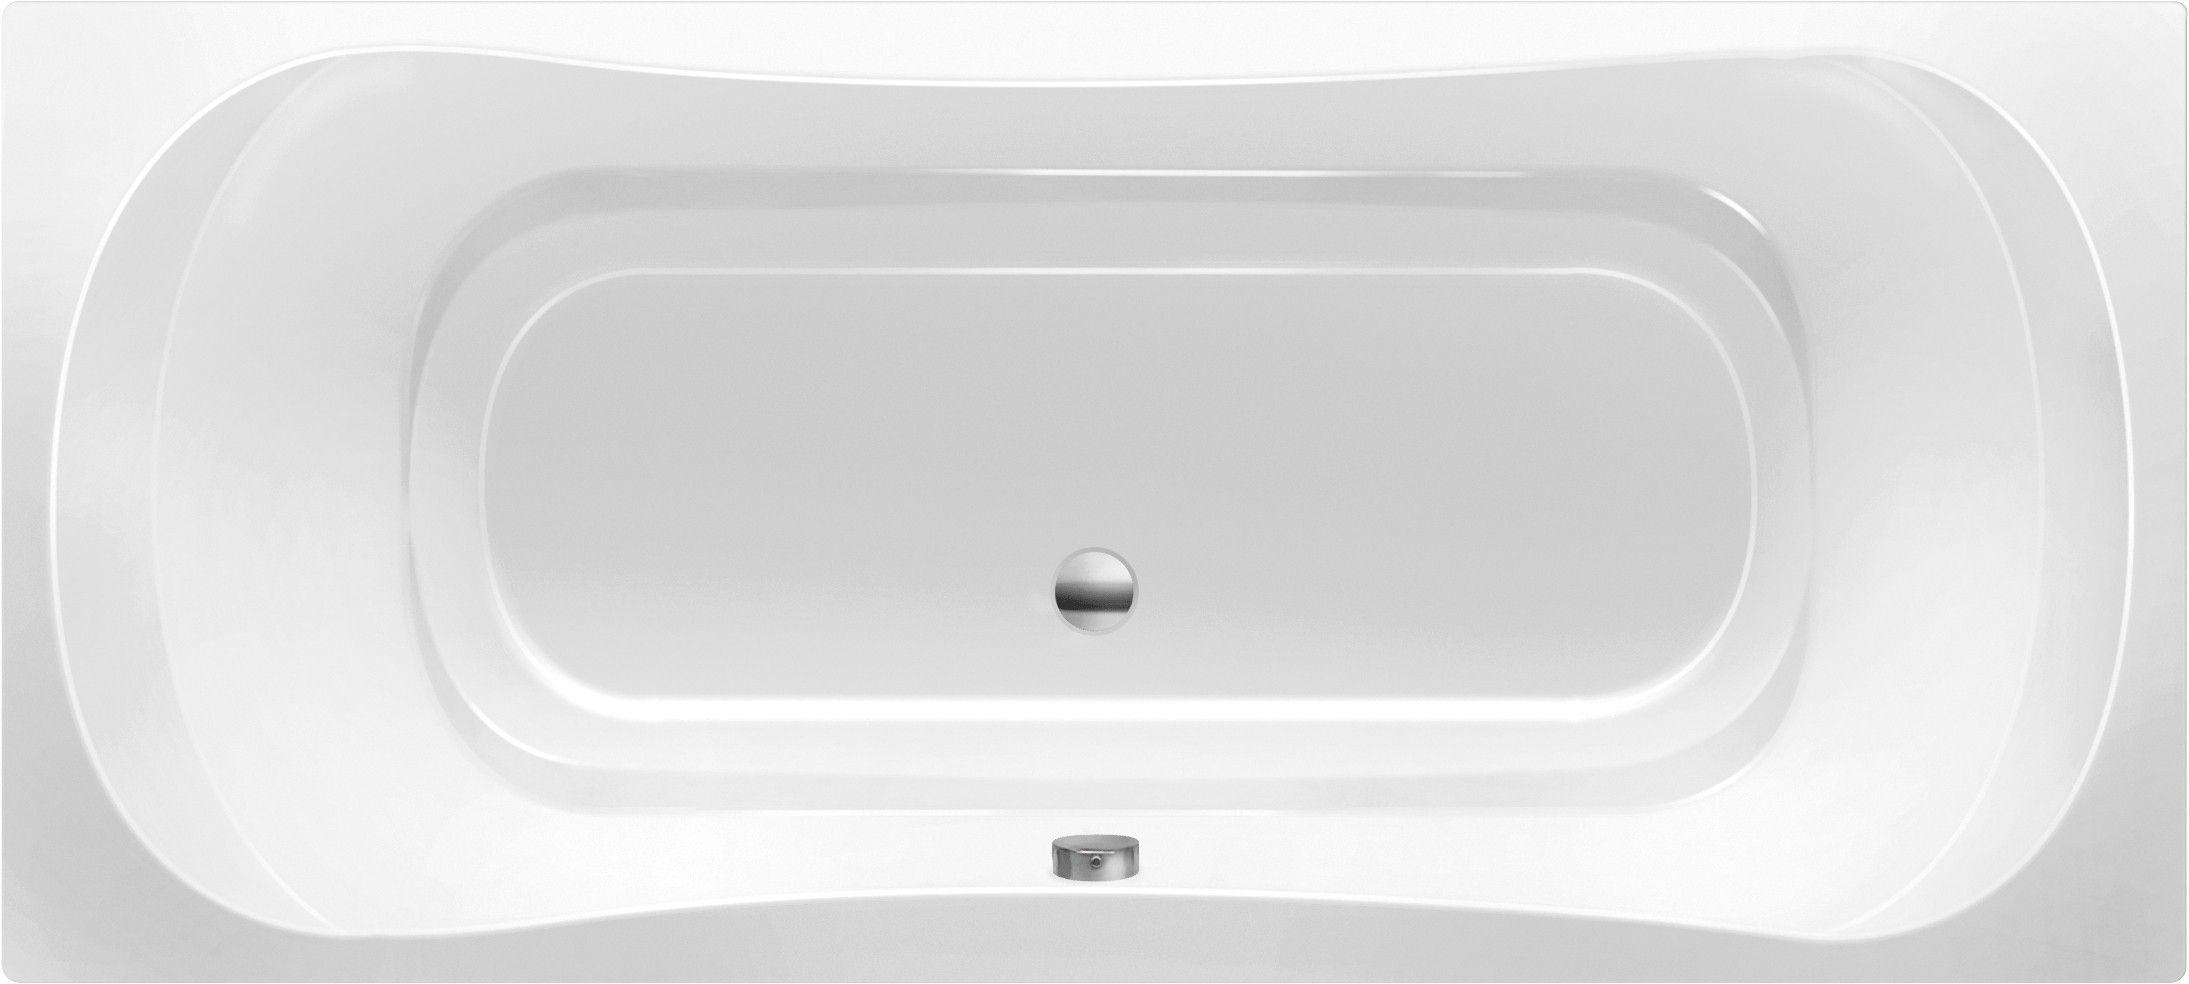 badewanne 200 x 90 x 49 cm badewanne rechteck pinterest badewanne wanne und baden. Black Bedroom Furniture Sets. Home Design Ideas